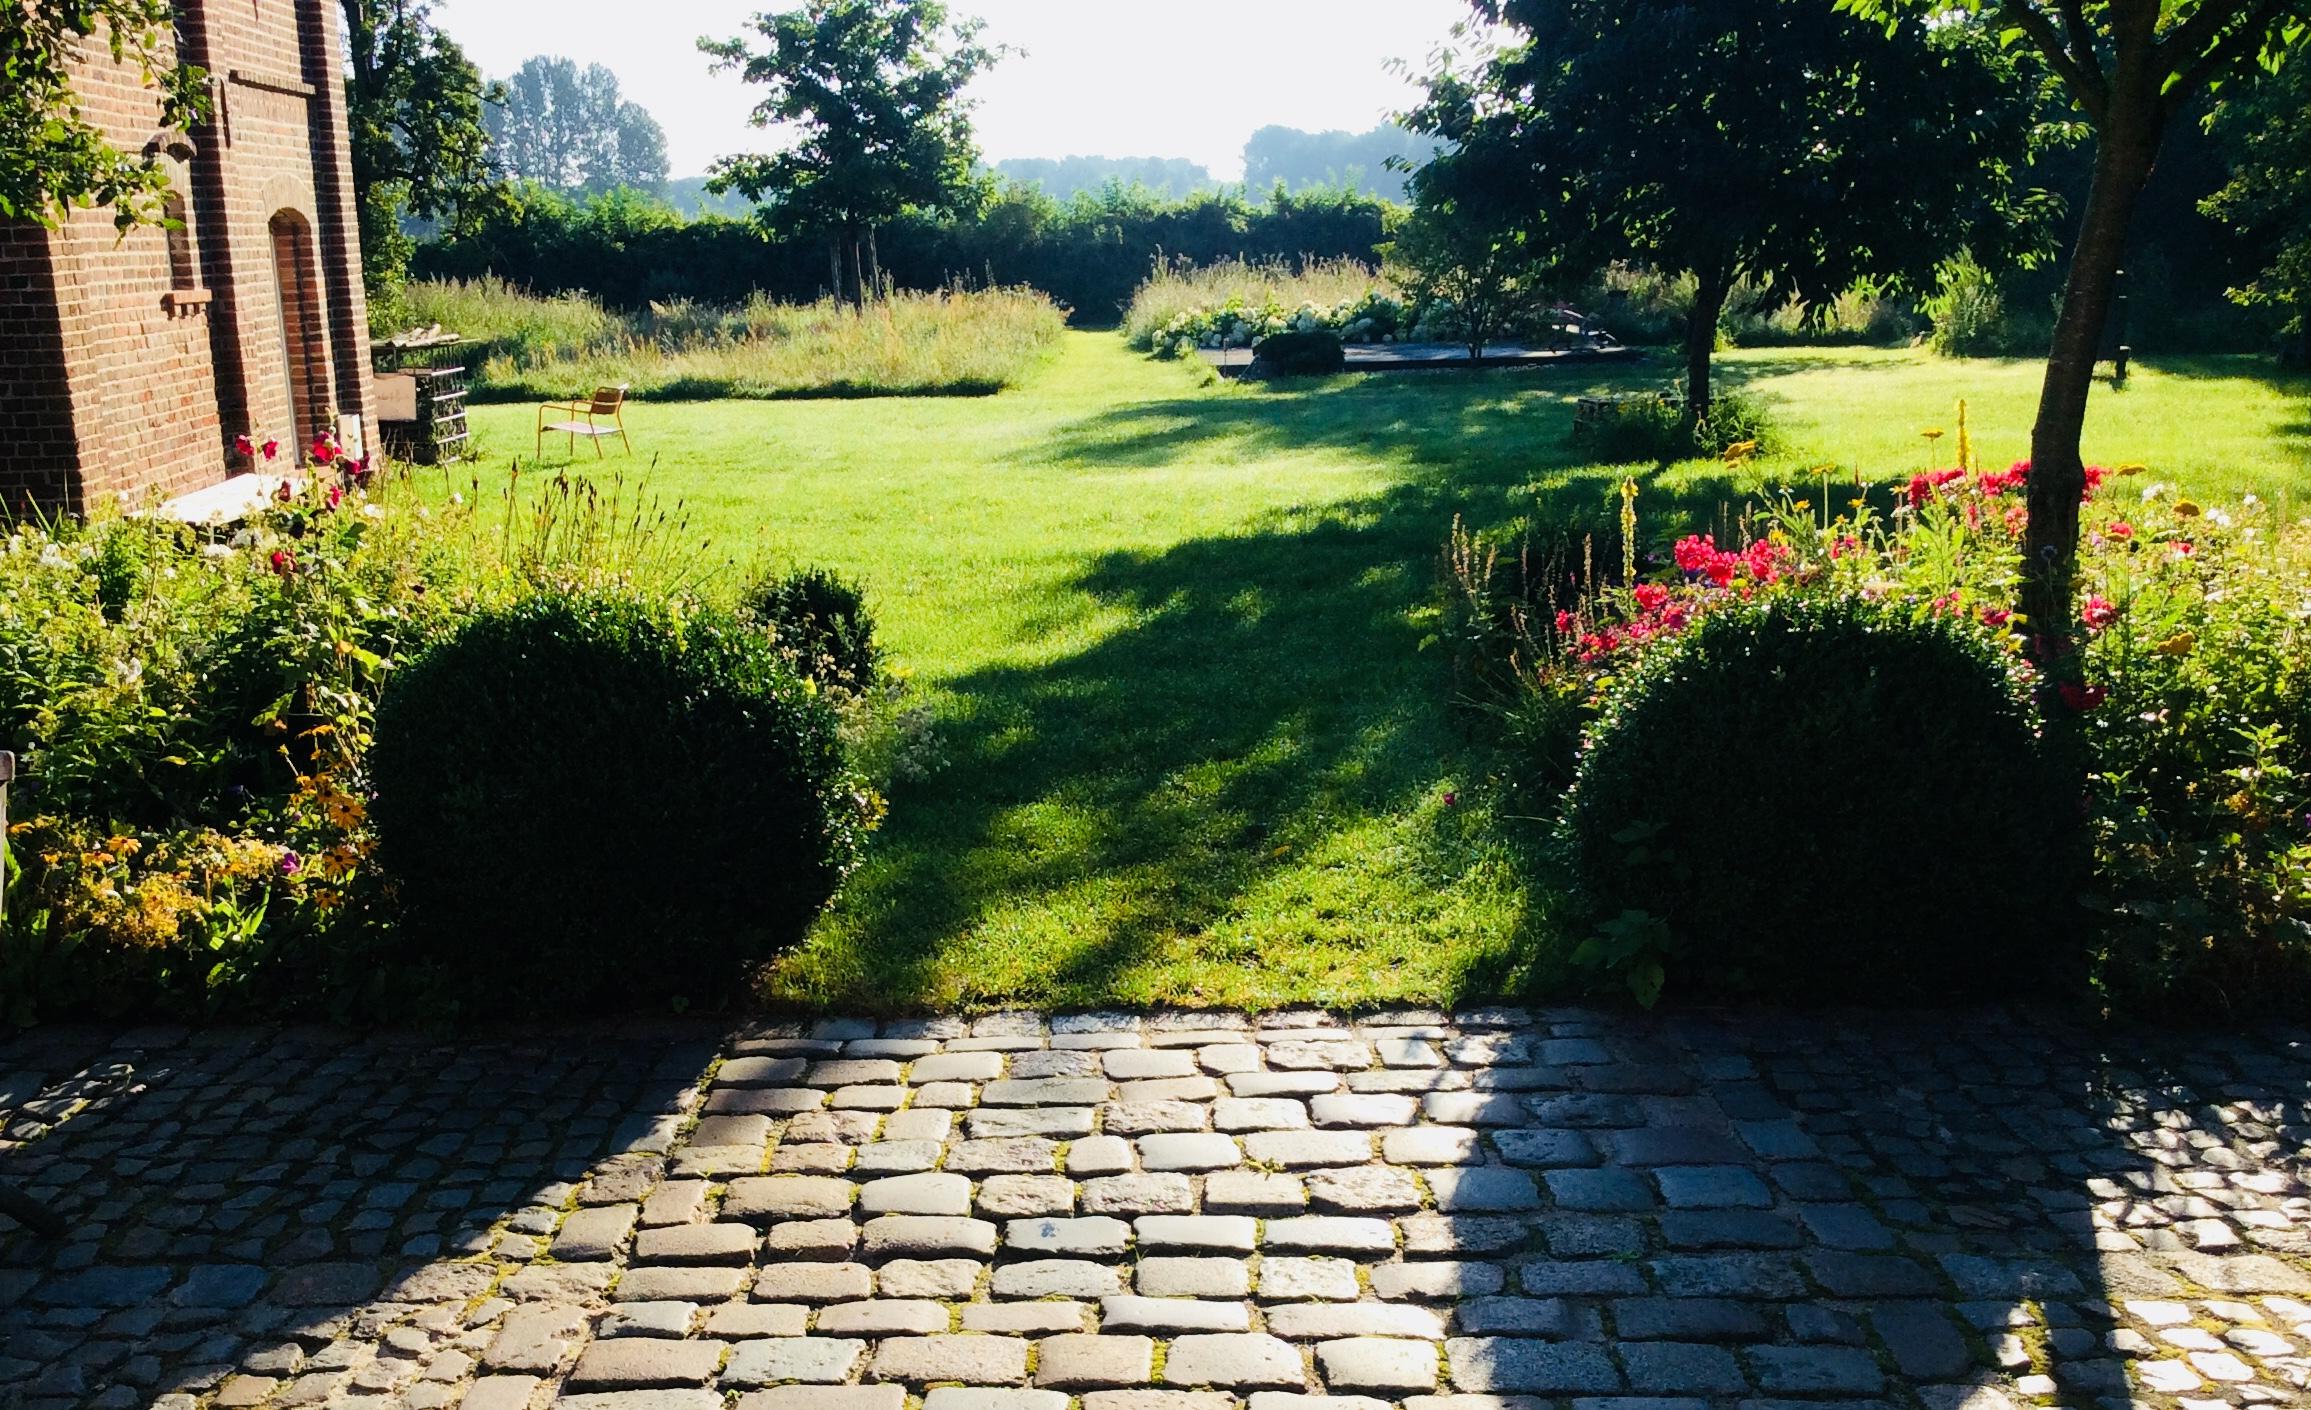 Ferienscheune in einem wunderschönen Garten - Guesthouses